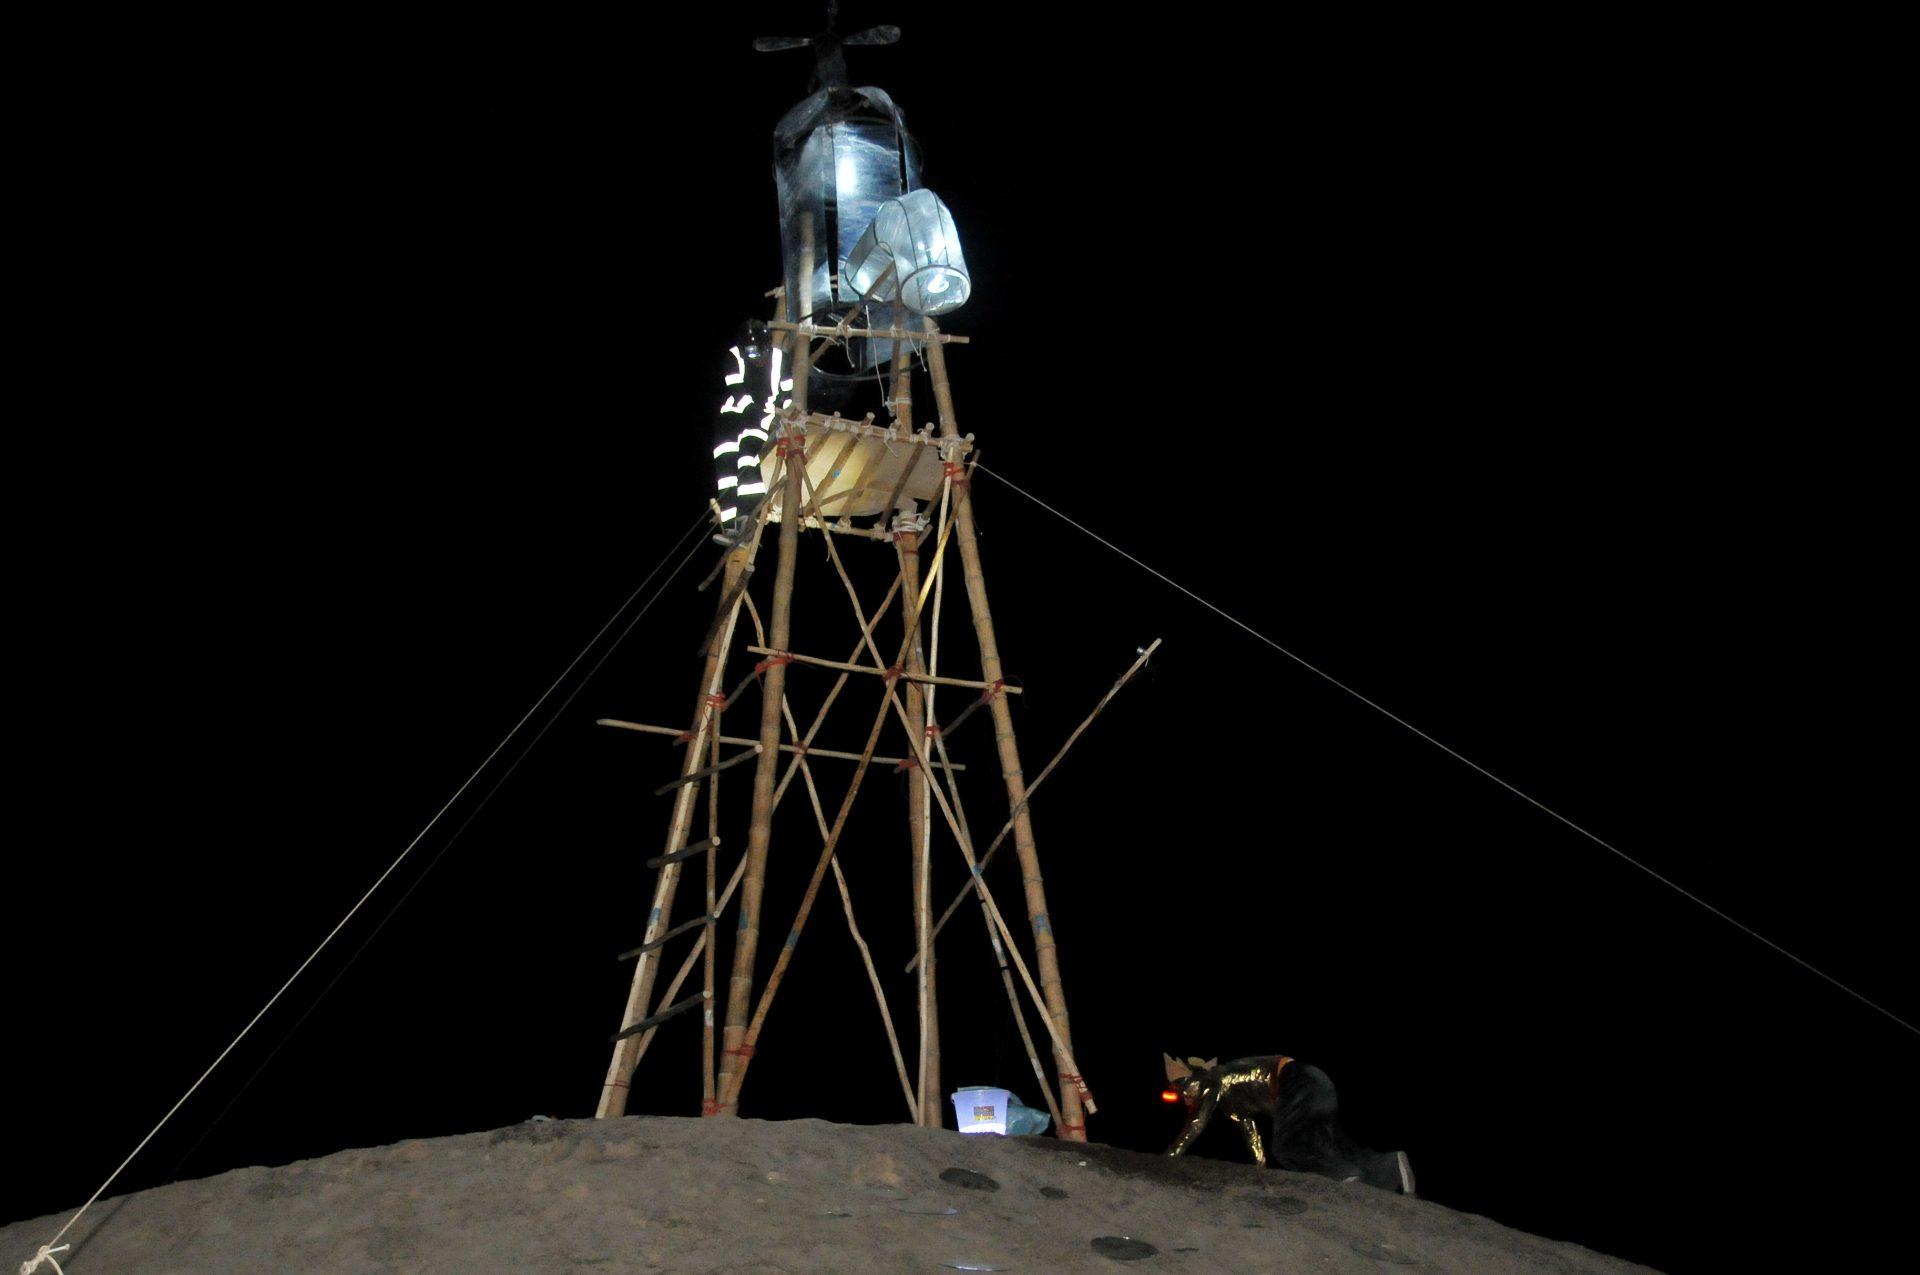 2008_peru_desierto_present3_05_desert_moon